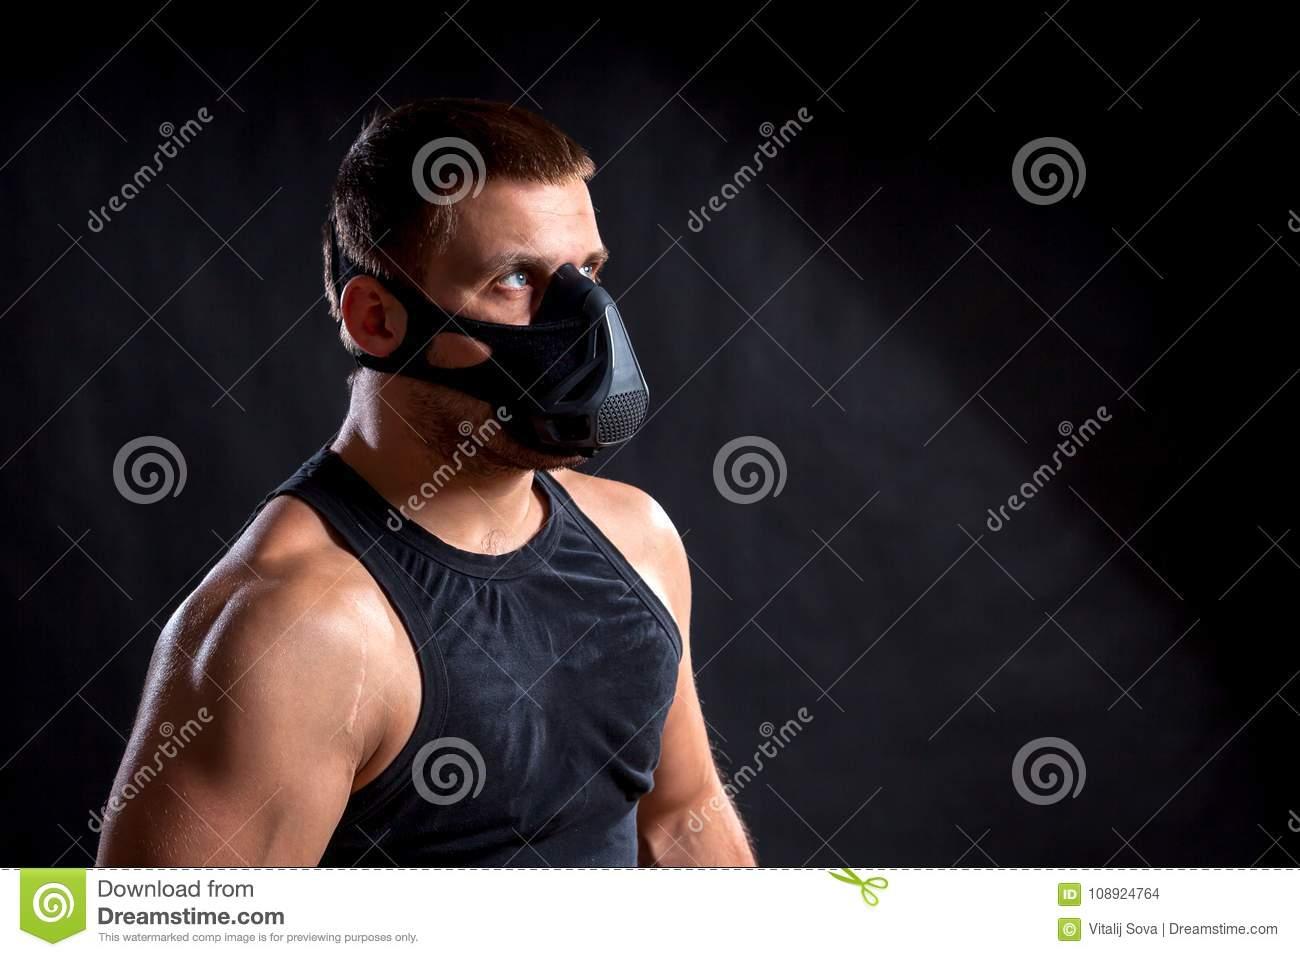 Особенности одежды для бодибилдинга, лучшие комплекты для тренировок